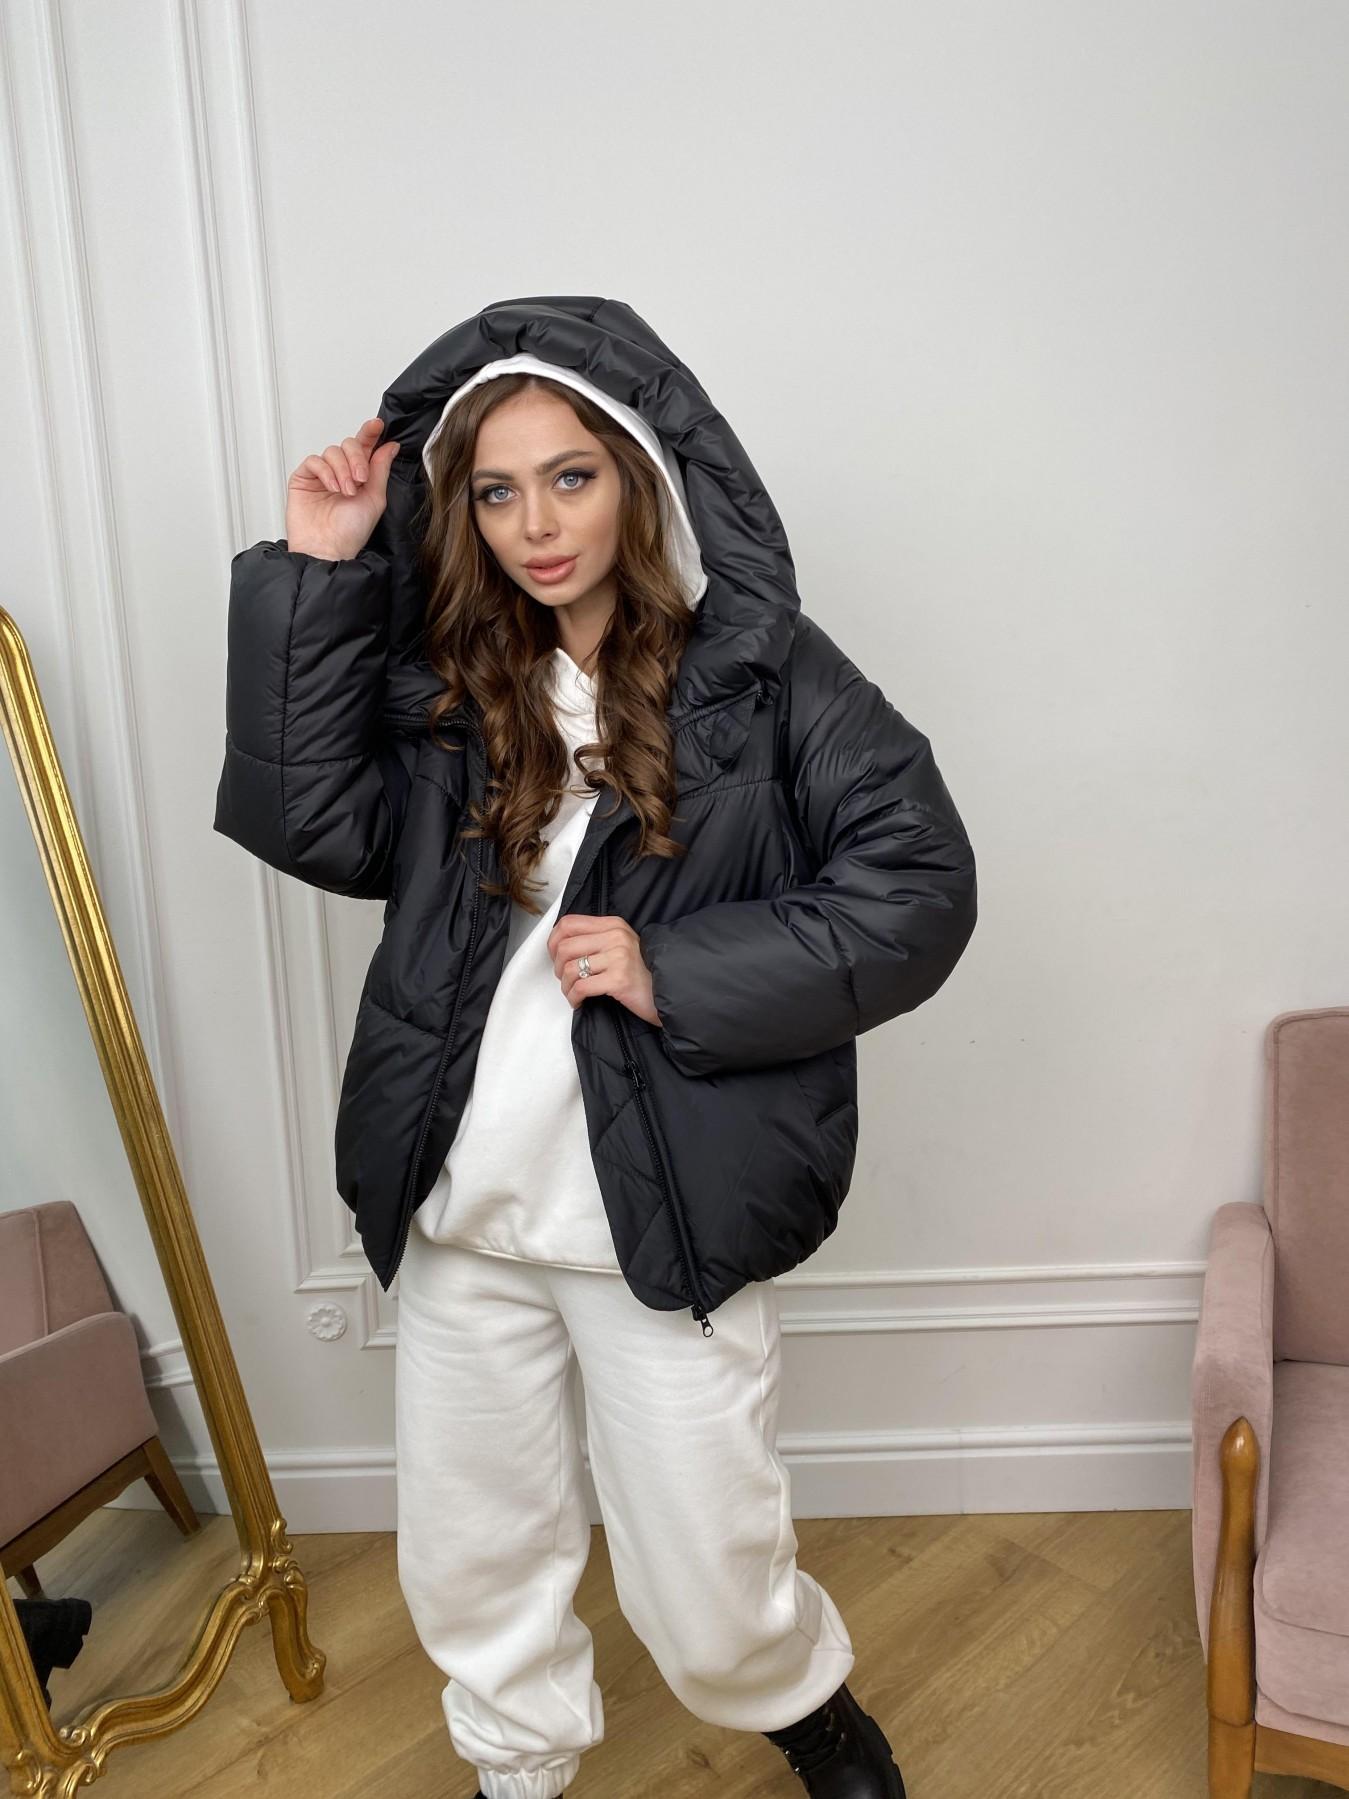 Нокс куртка из плащевой ткани 10535 АРТ. 46975 Цвет: Черный - фото 1, интернет магазин tm-modus.ru